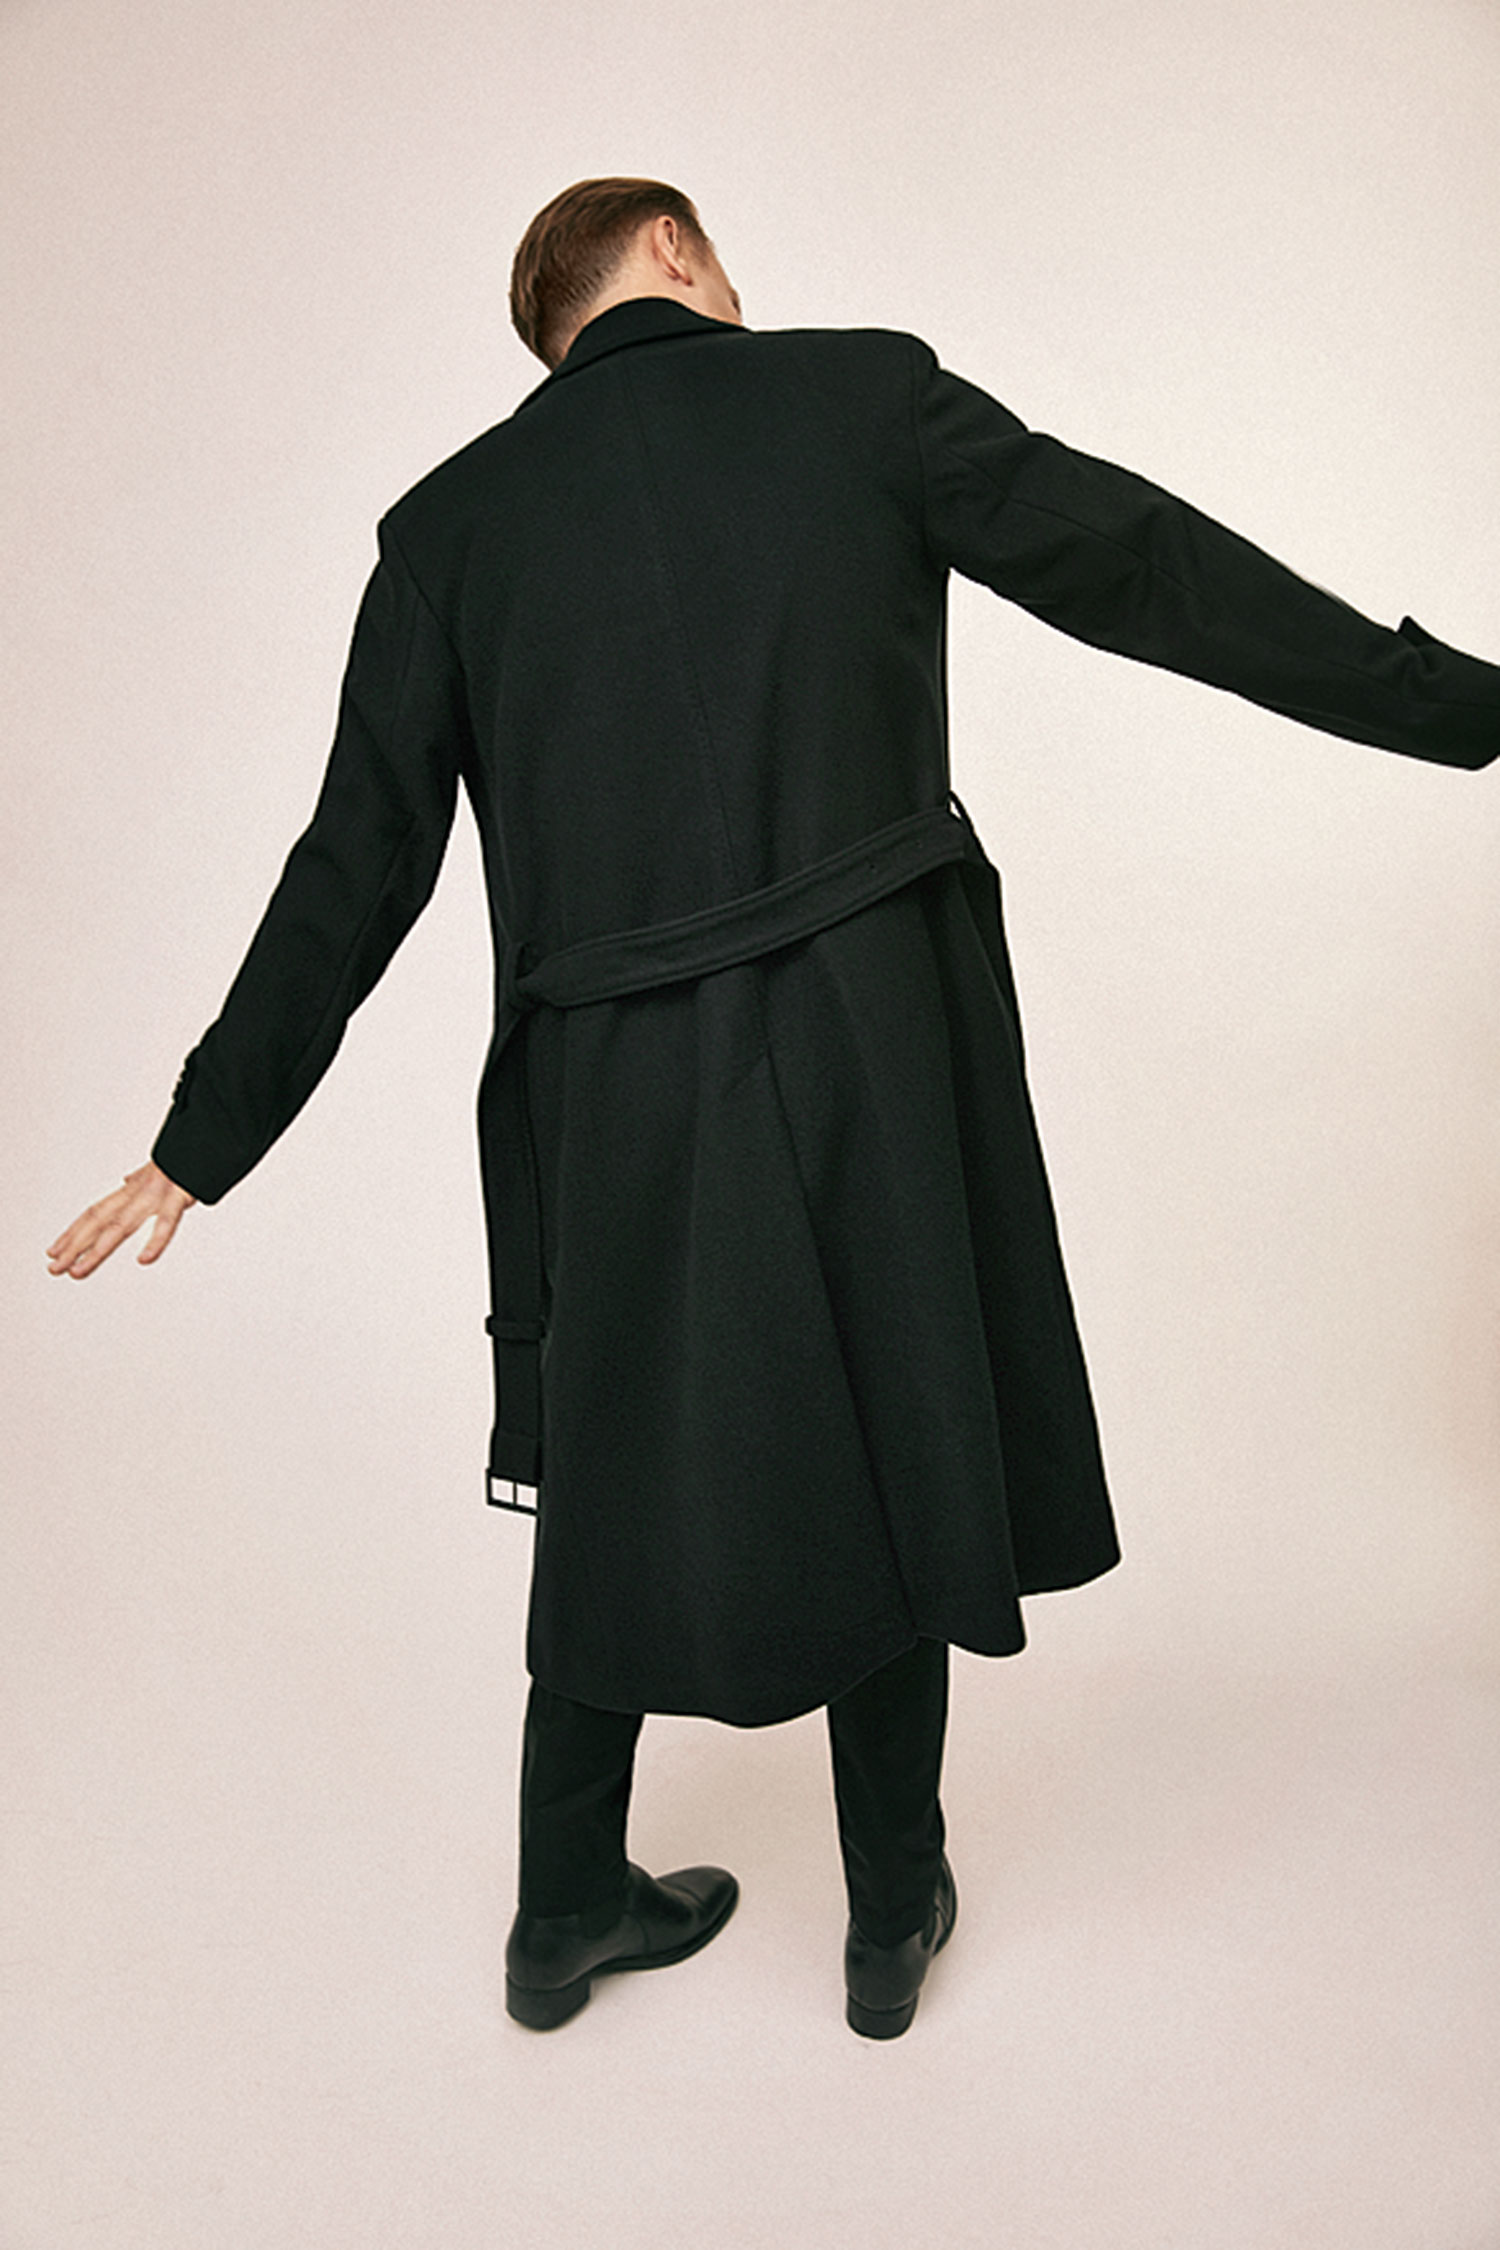 Пальто Boss; футболка хенли ибрюки, все Dolce & Gabbana; казаки Vagabond